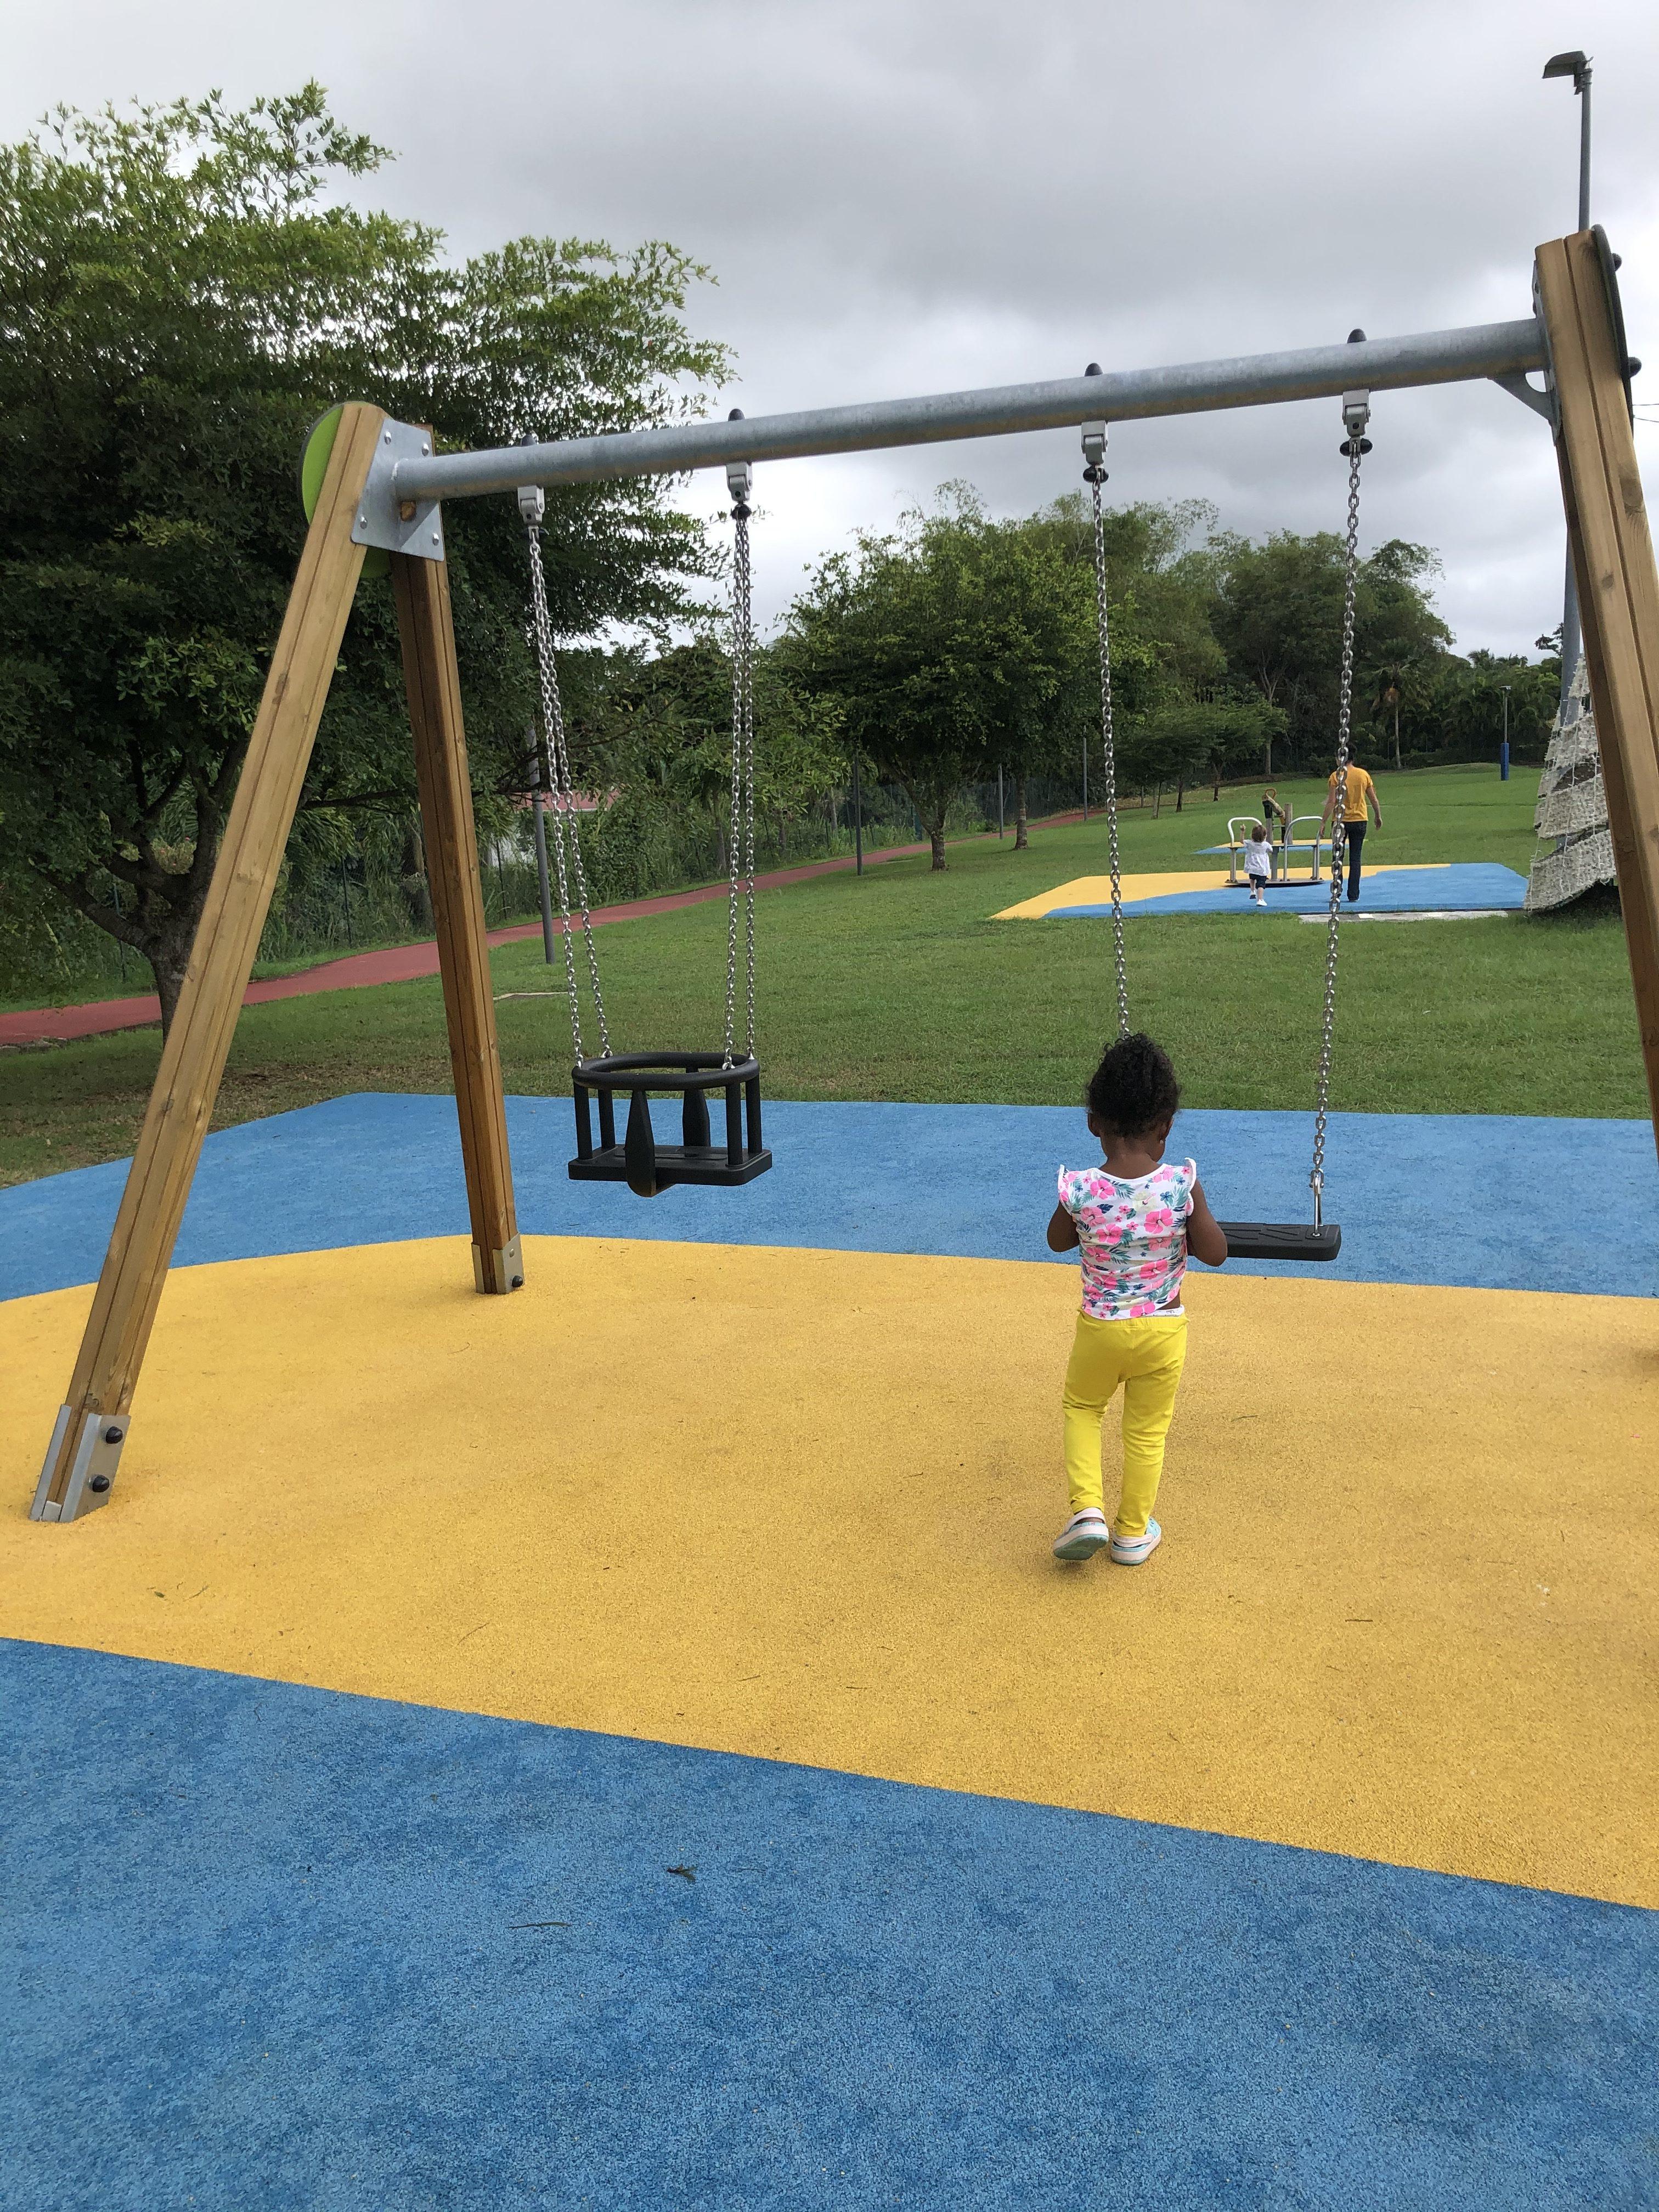 Baie-Mahault / Aire de jeux : Réouverture du parc de Baie- Mahault » Parc hyacinthe Bastaraud»